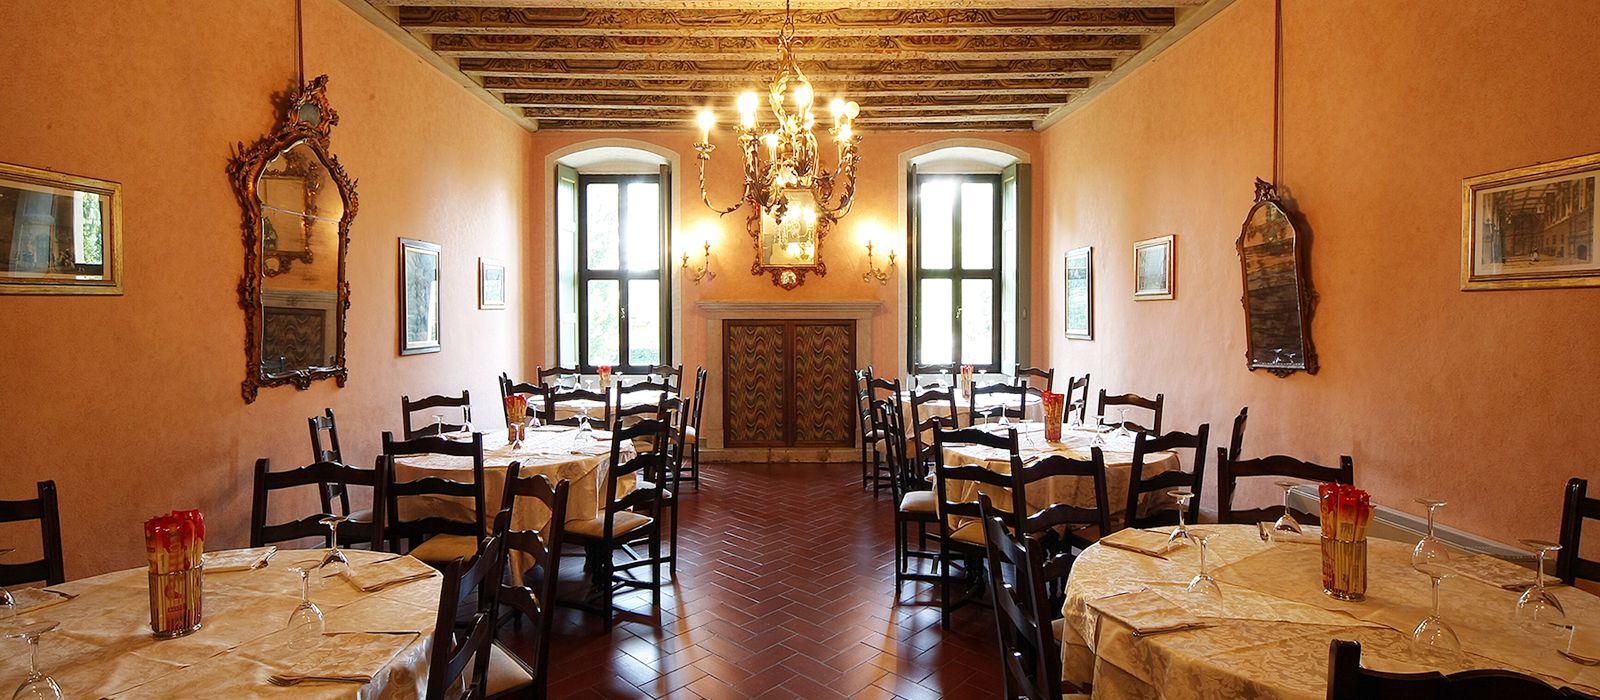 Interno | Ristorante Olimpo - Brescia